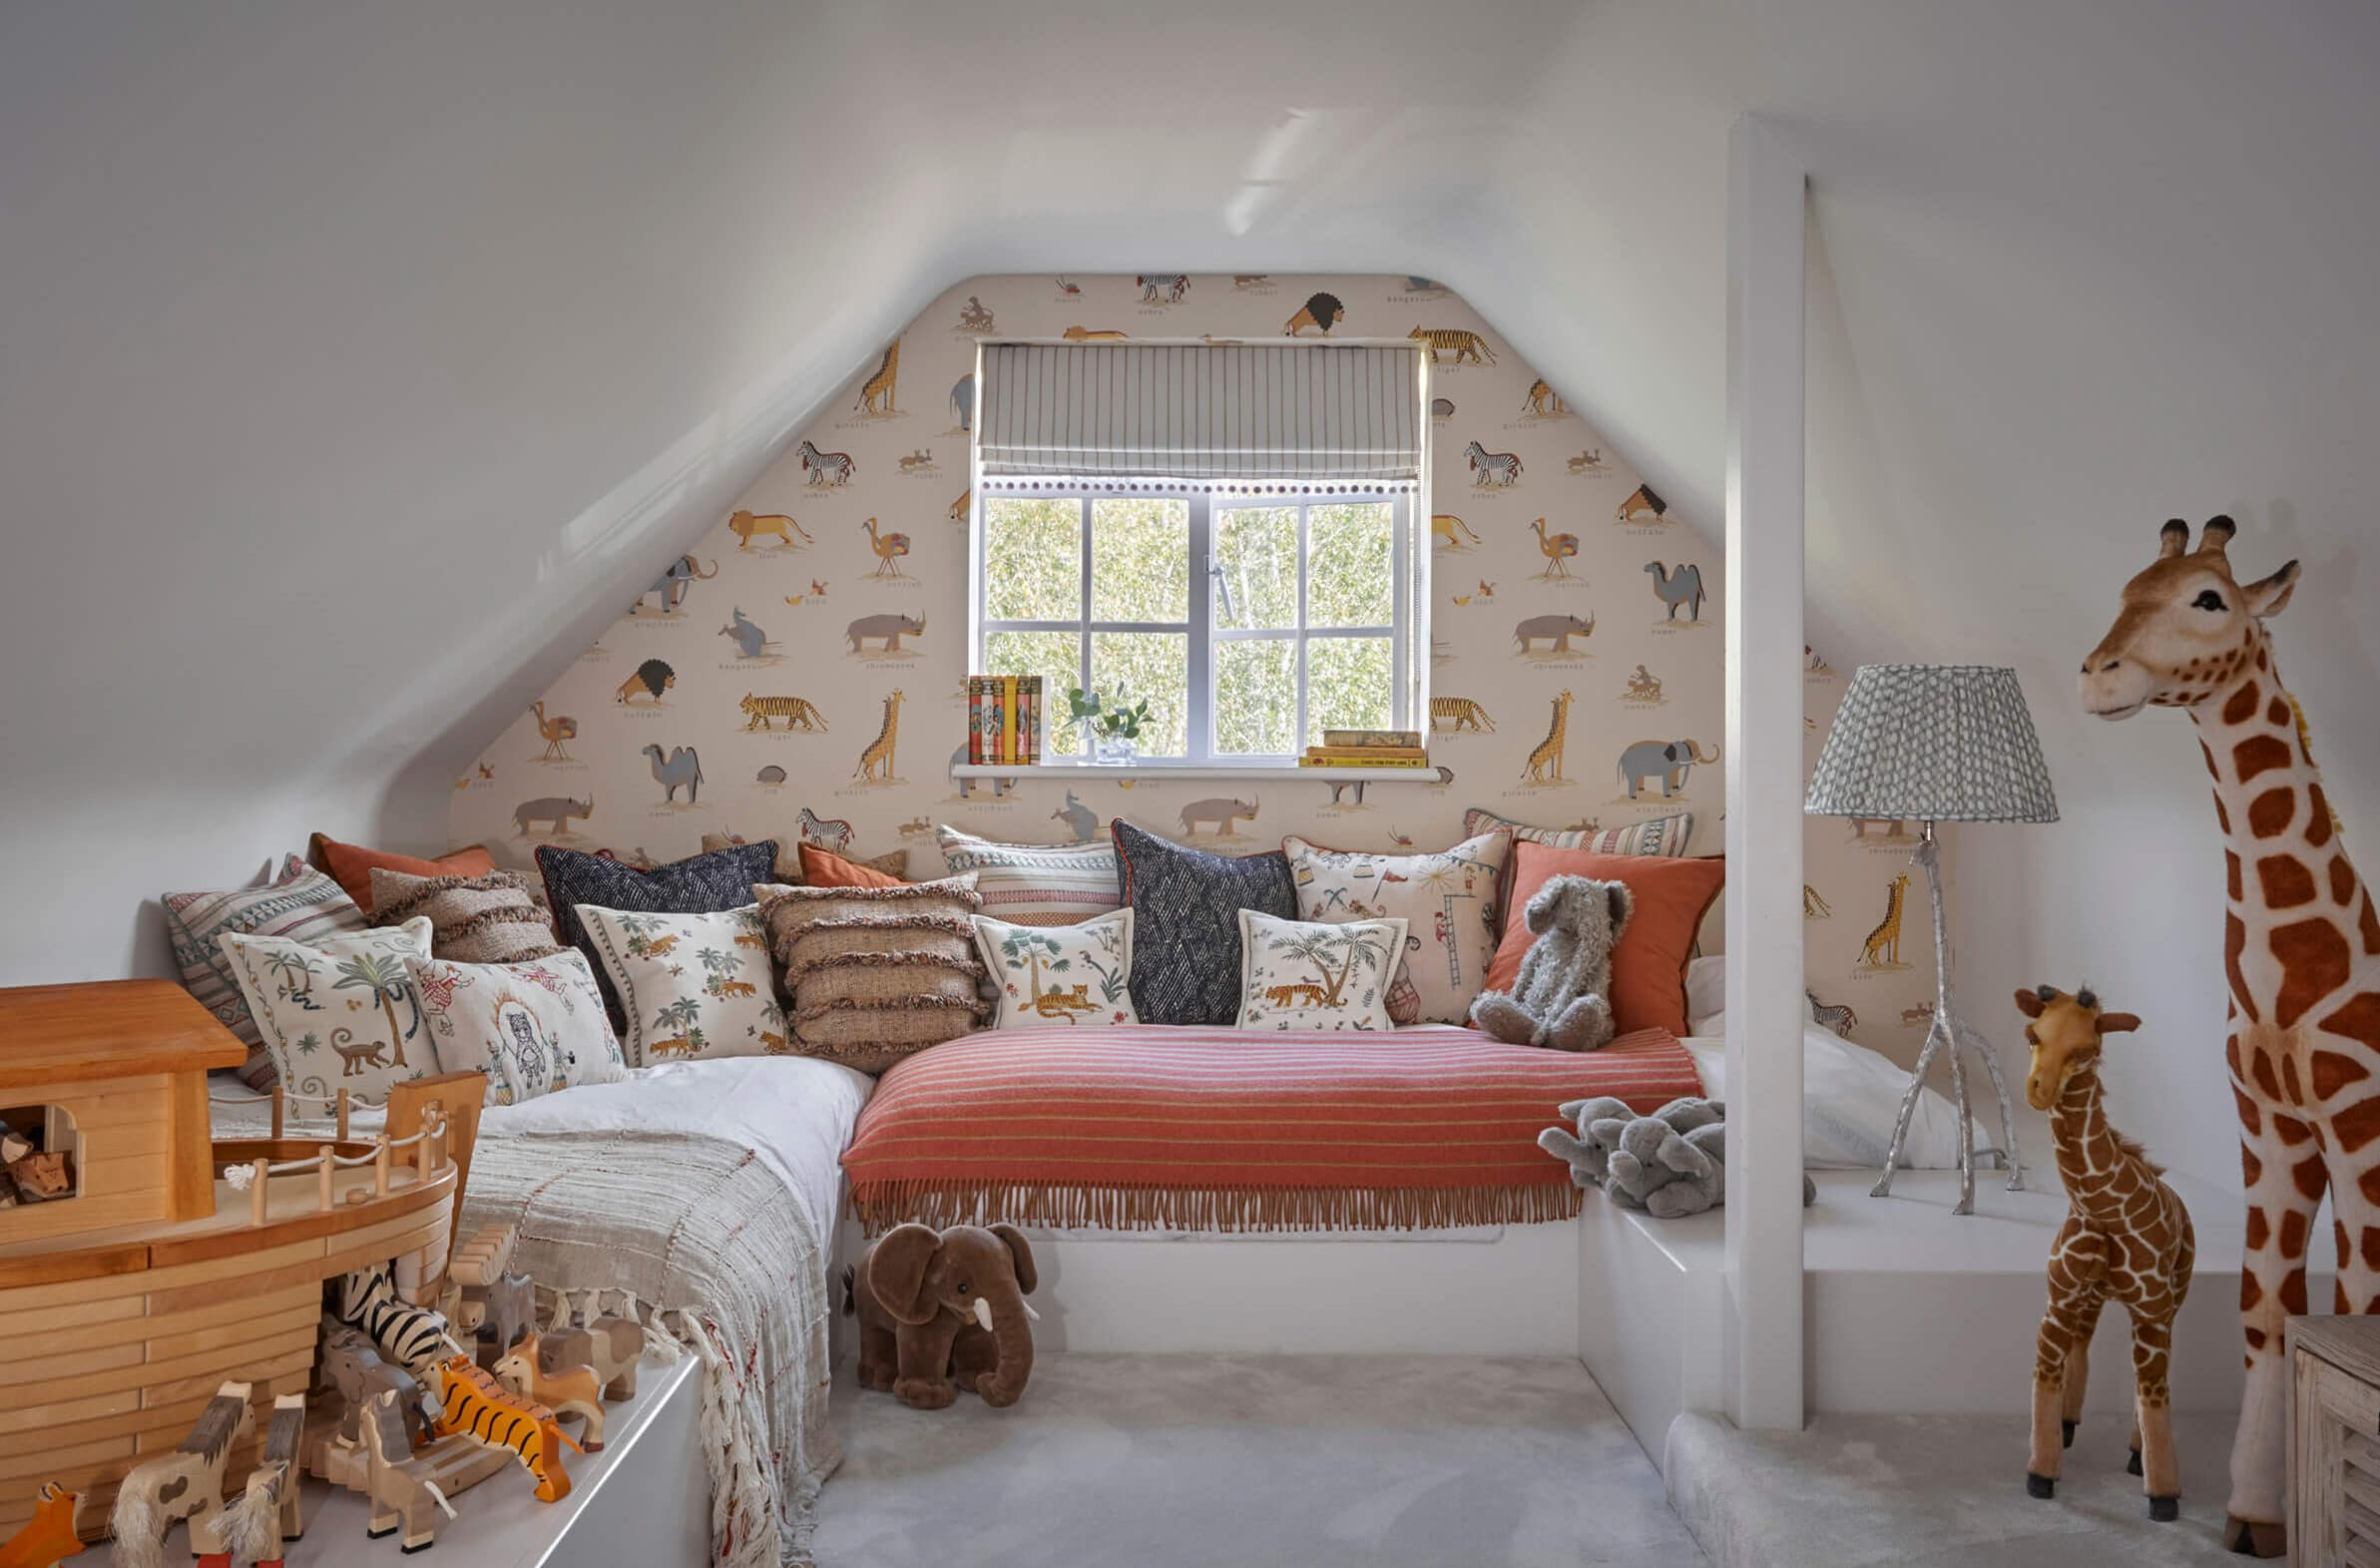 Children's bedroom in luxury converted home